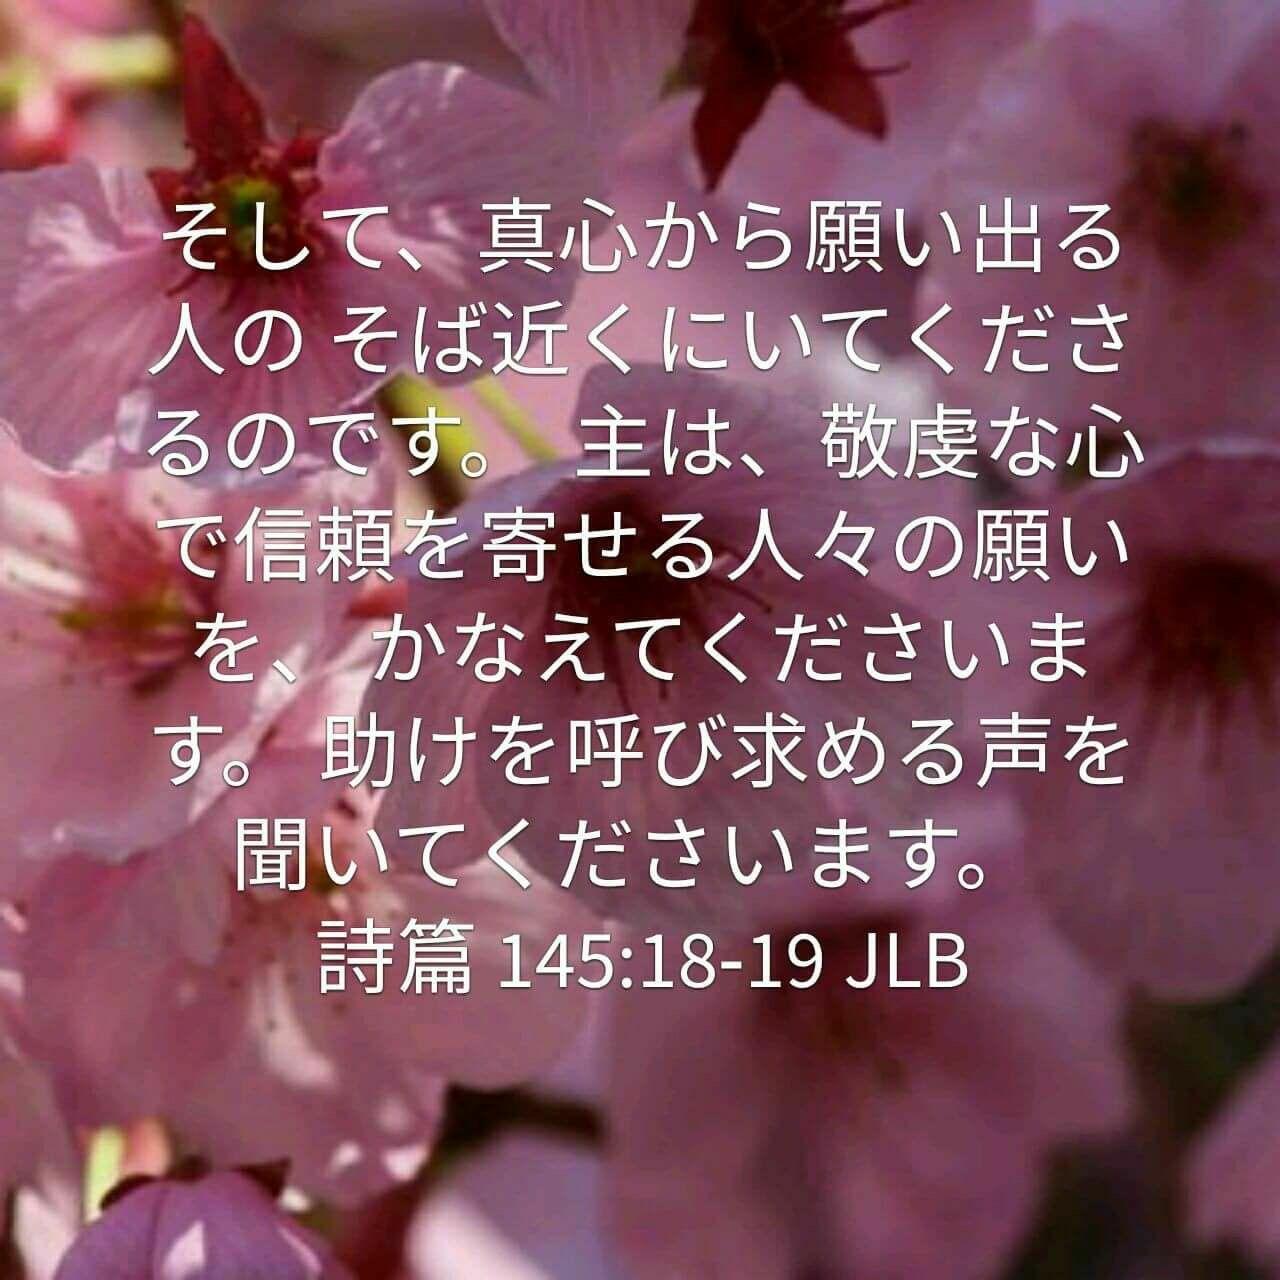 こんばんは(^-^)/